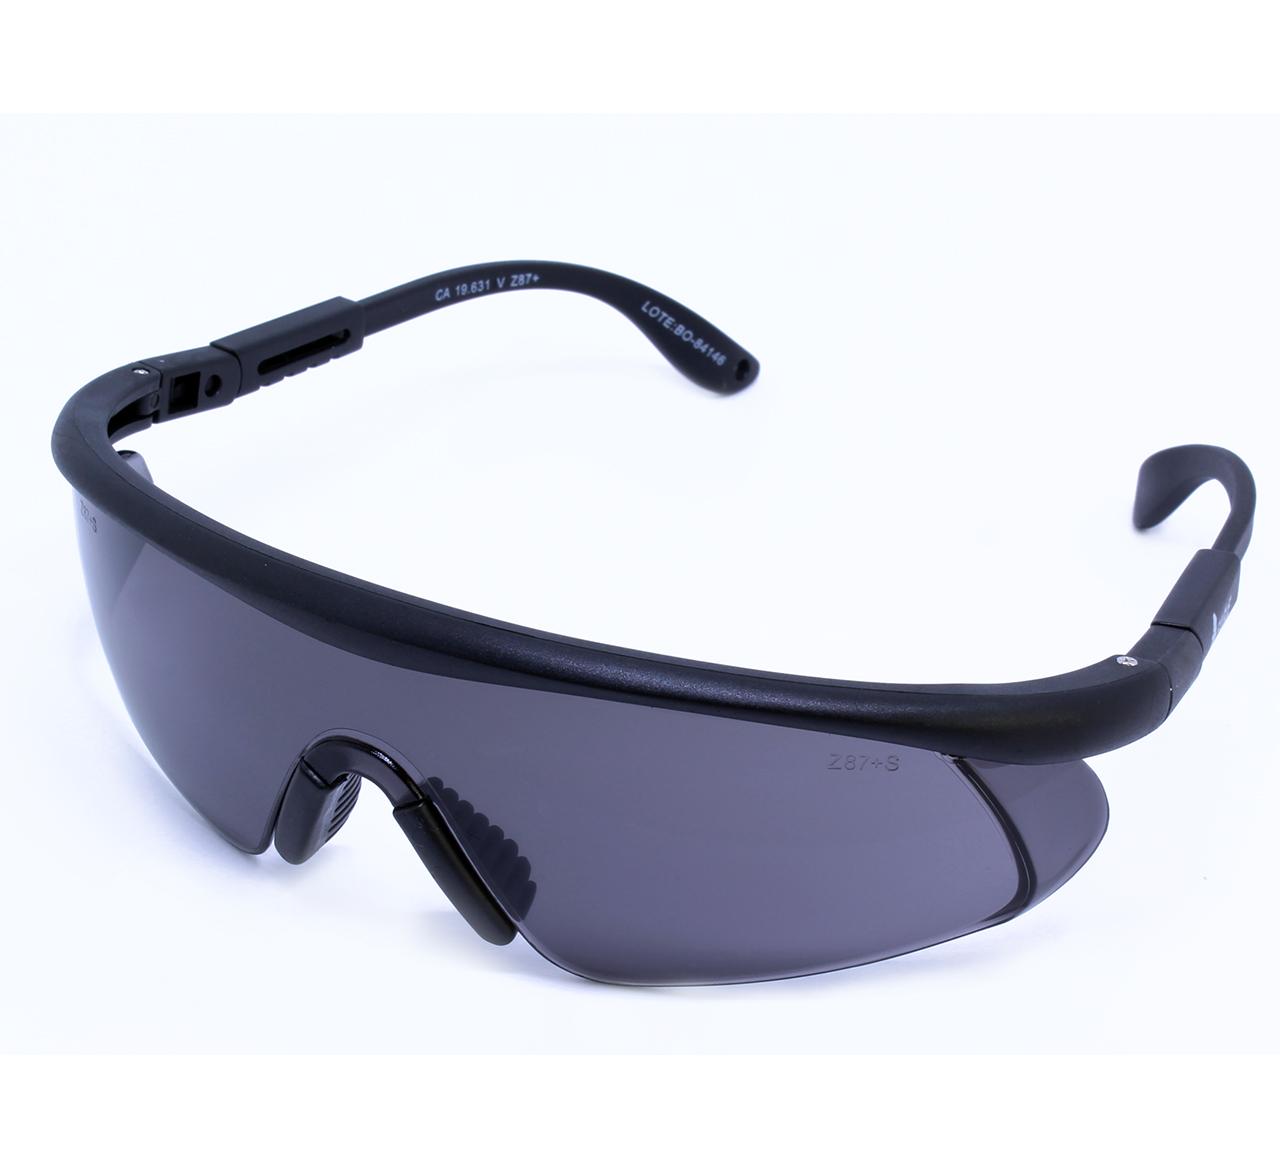 Óculos de Proteção AMPLA VISÃO Lente Cinza. Sidebar. ac000317-extra-1 8465a503a7